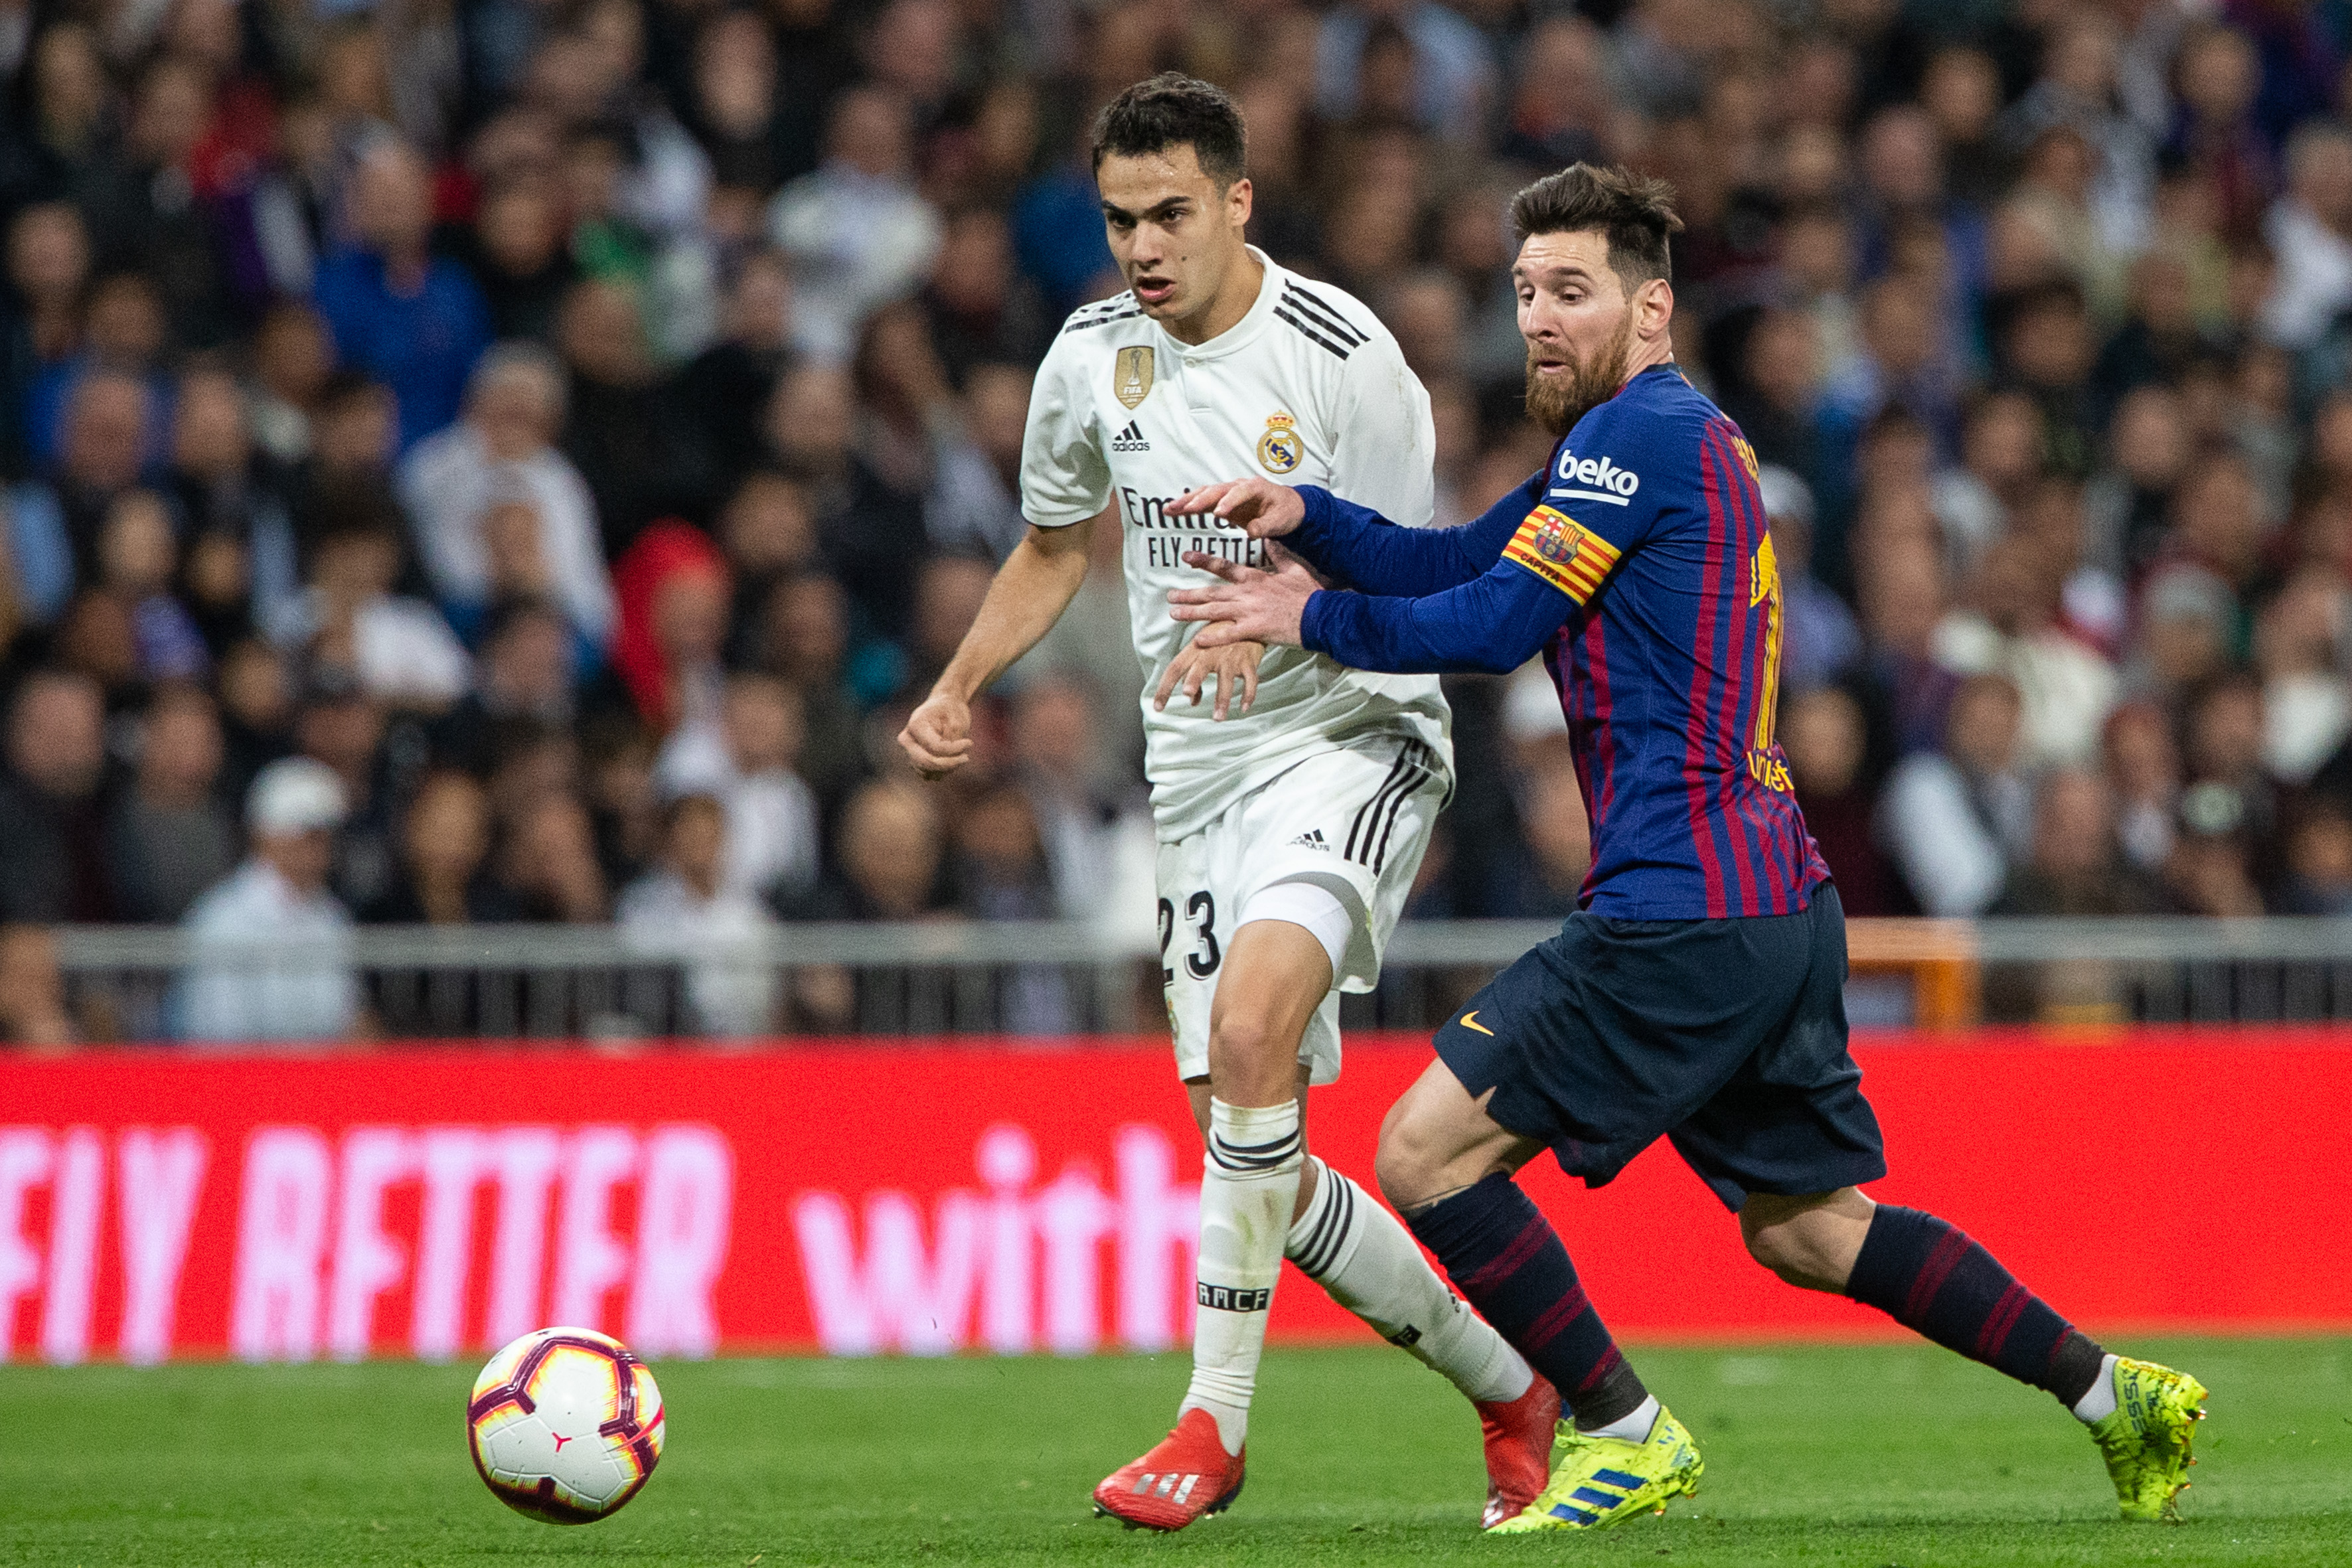 Football - Etranger - Le Clasico Barça-Real Madrid reporté en raison des violences en Catalogne